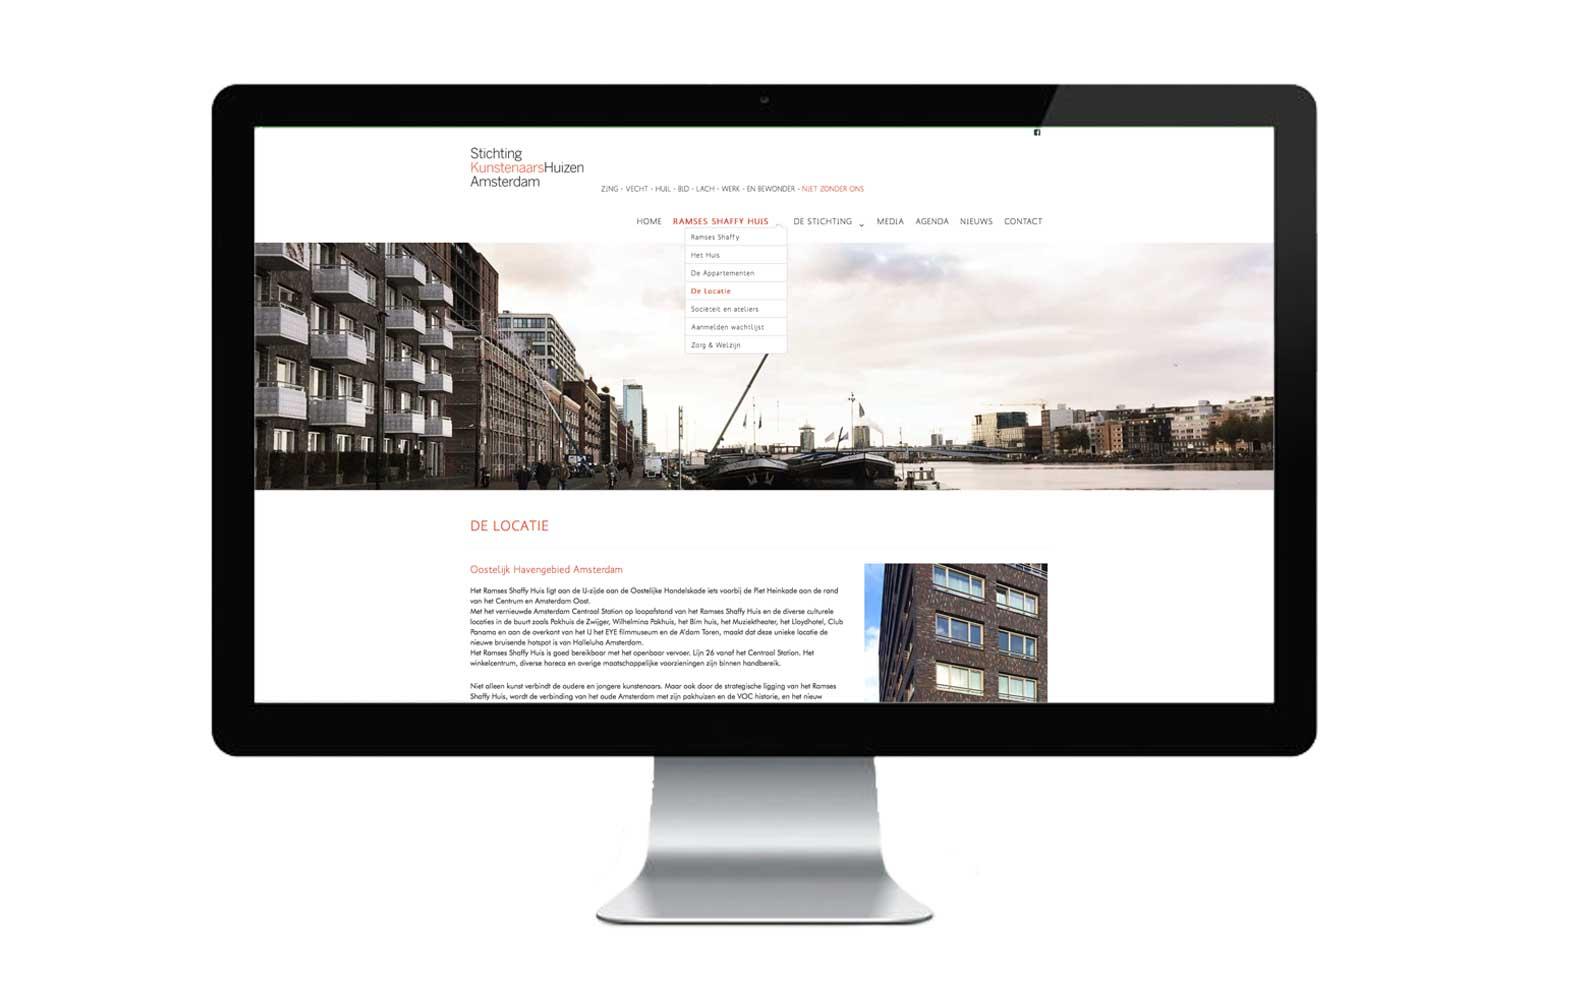 StudioErnst-KunstenaarshuizenAmsterdam-oostelijk-havengebied-amsterdam-website